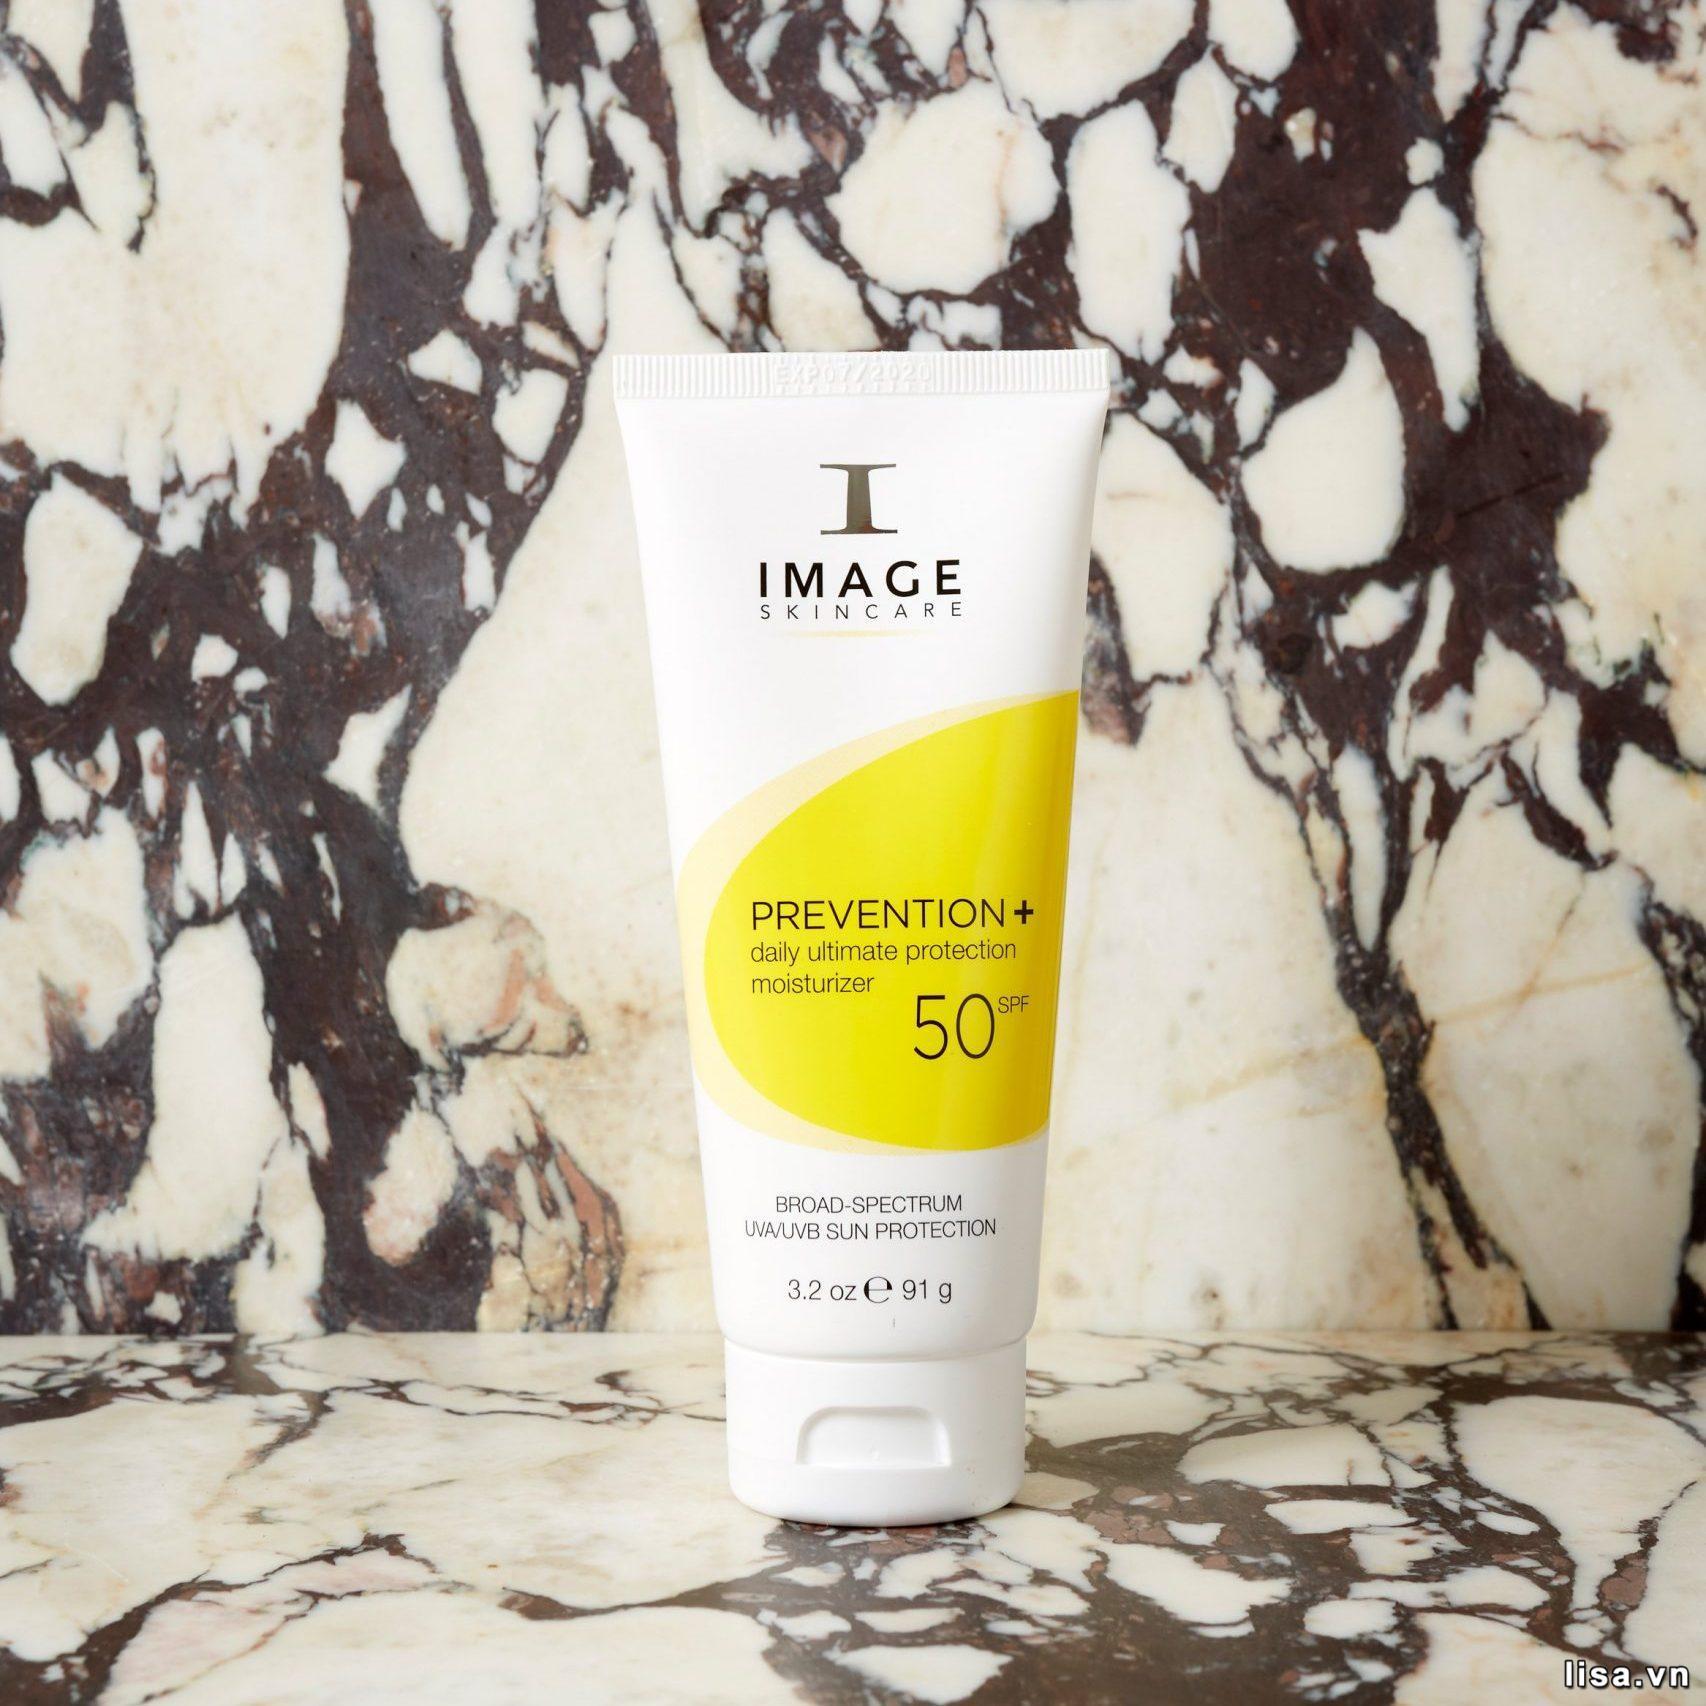 Kem chống nắng Image Prevention Daily Ultimate Moisturizer SPF 50+hấp tthụ dầu thừa hiệu quả